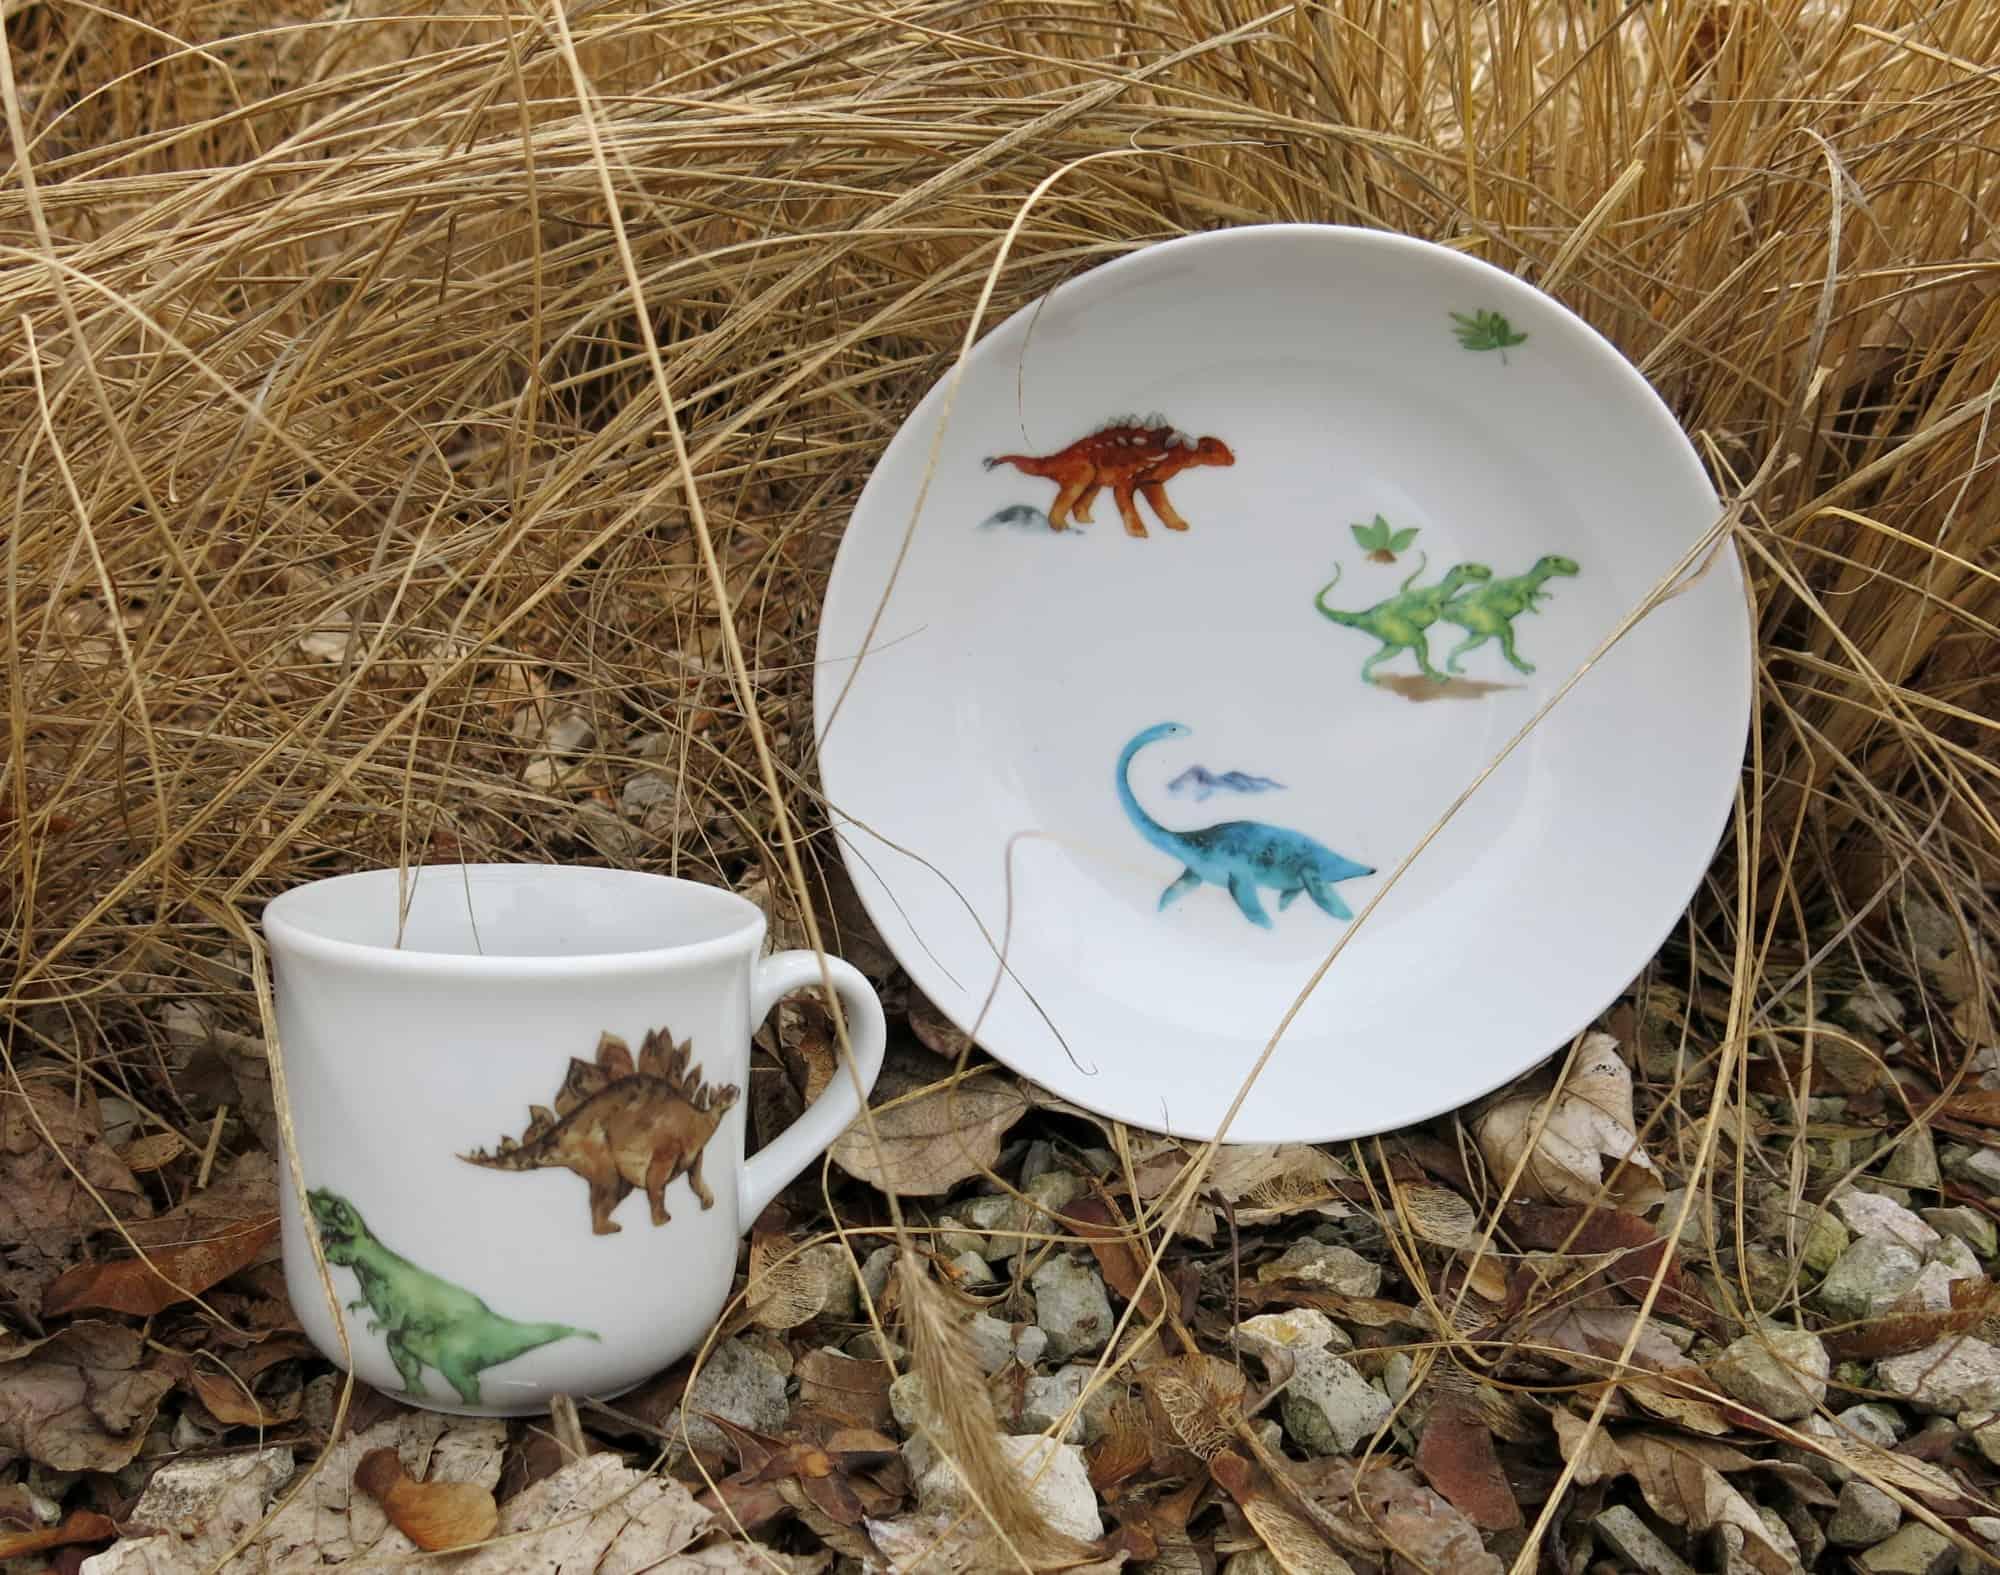 Schale Coup und Becher Kid aus Porzellan mit Dinosauriern